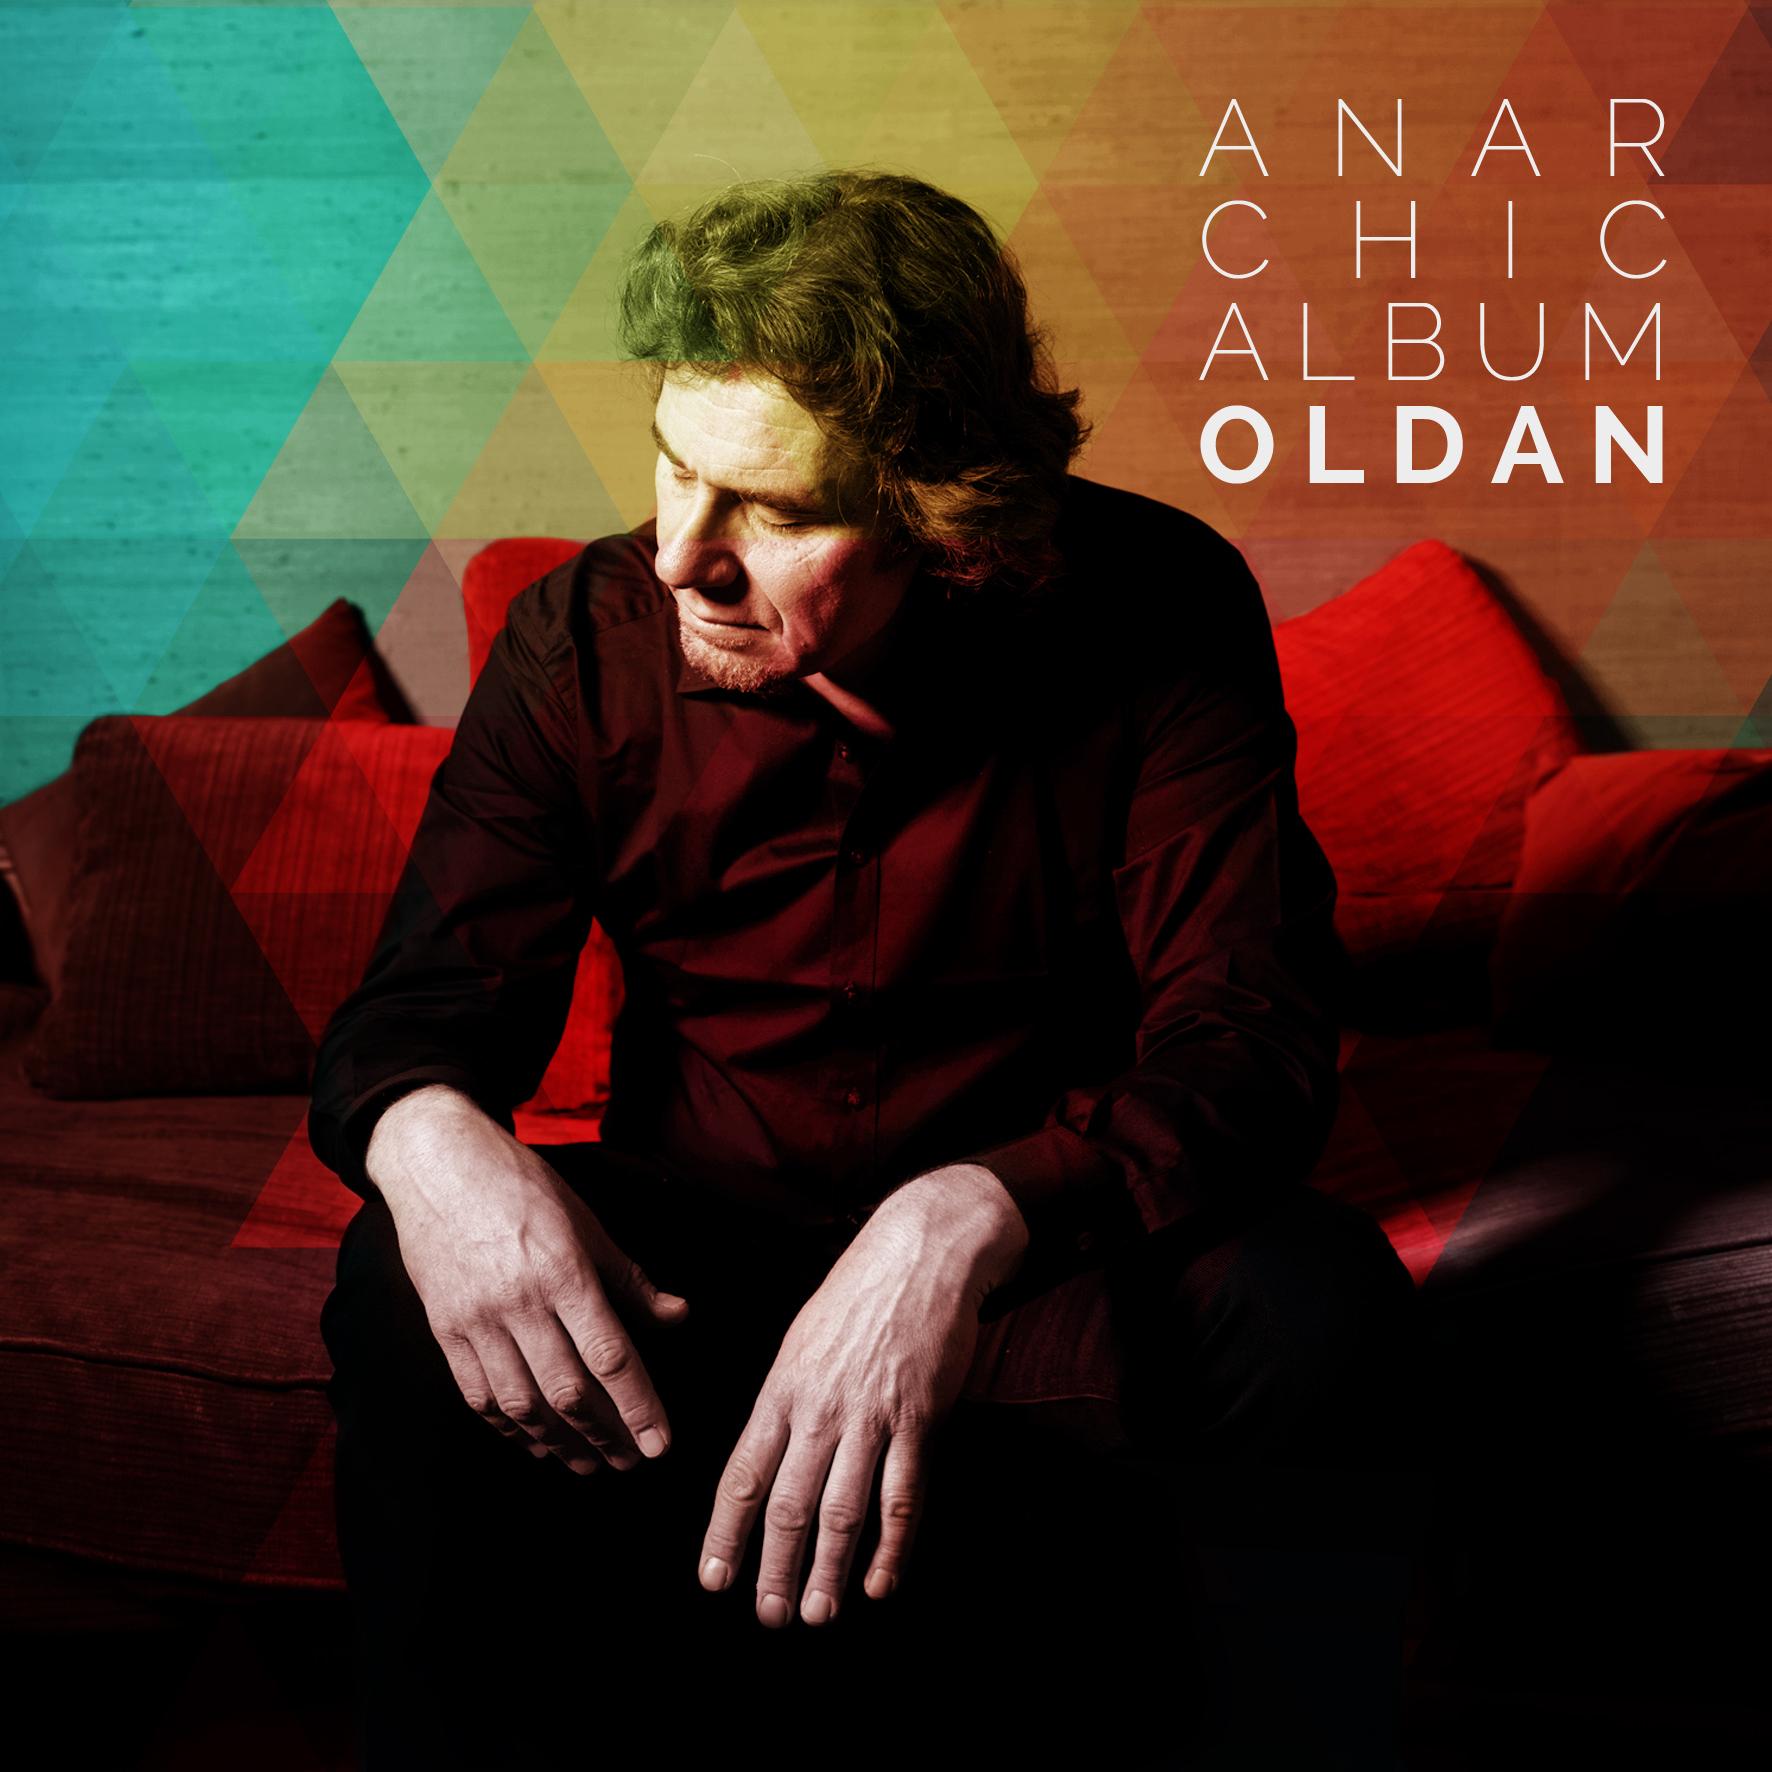 Anar Chic Album